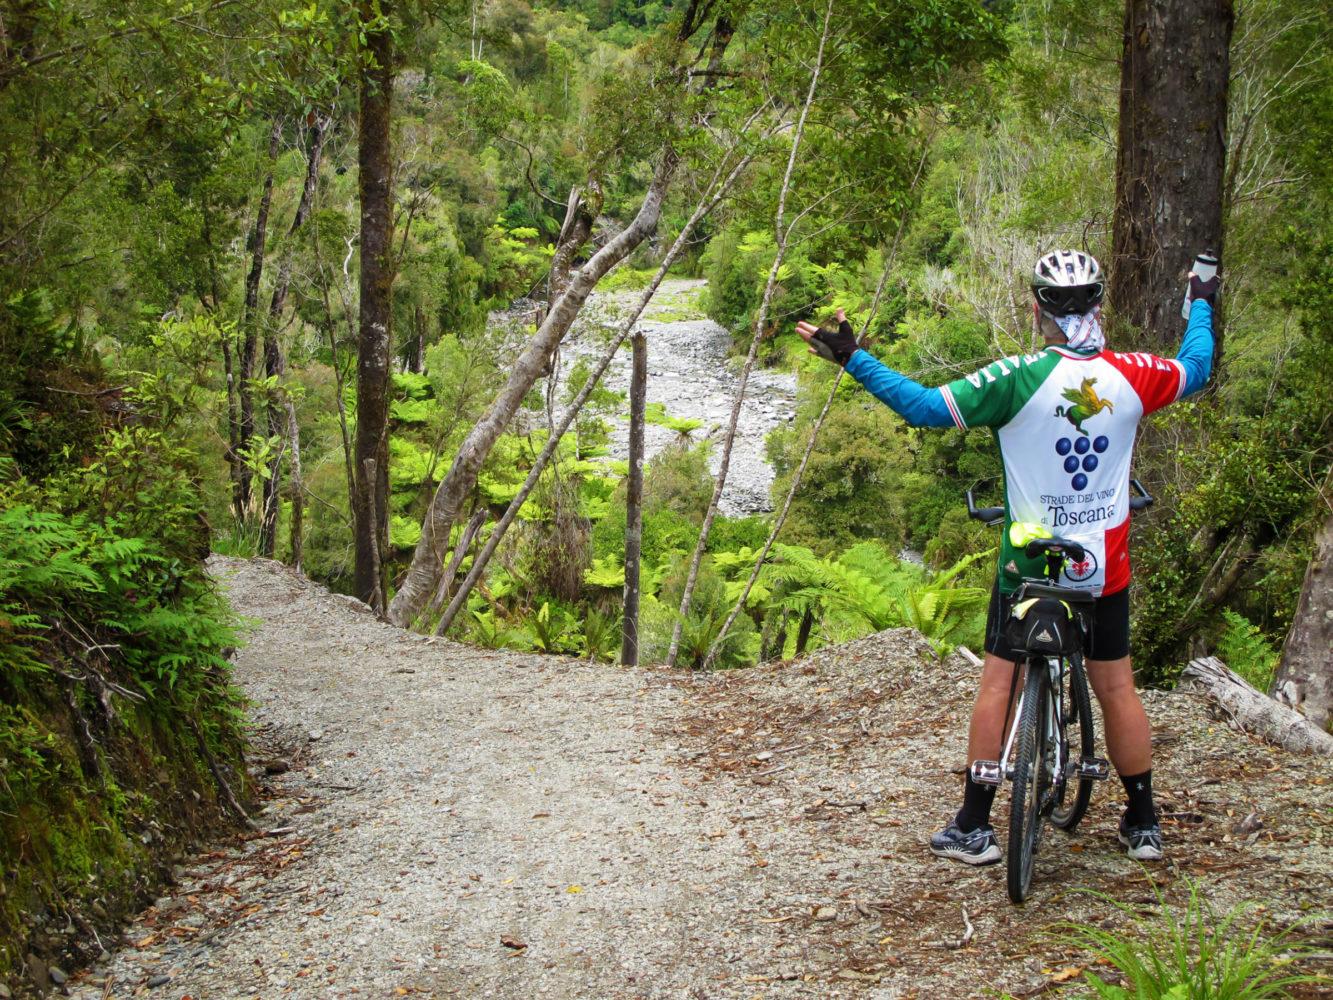 'Weka' New Zealand Biking Adventure